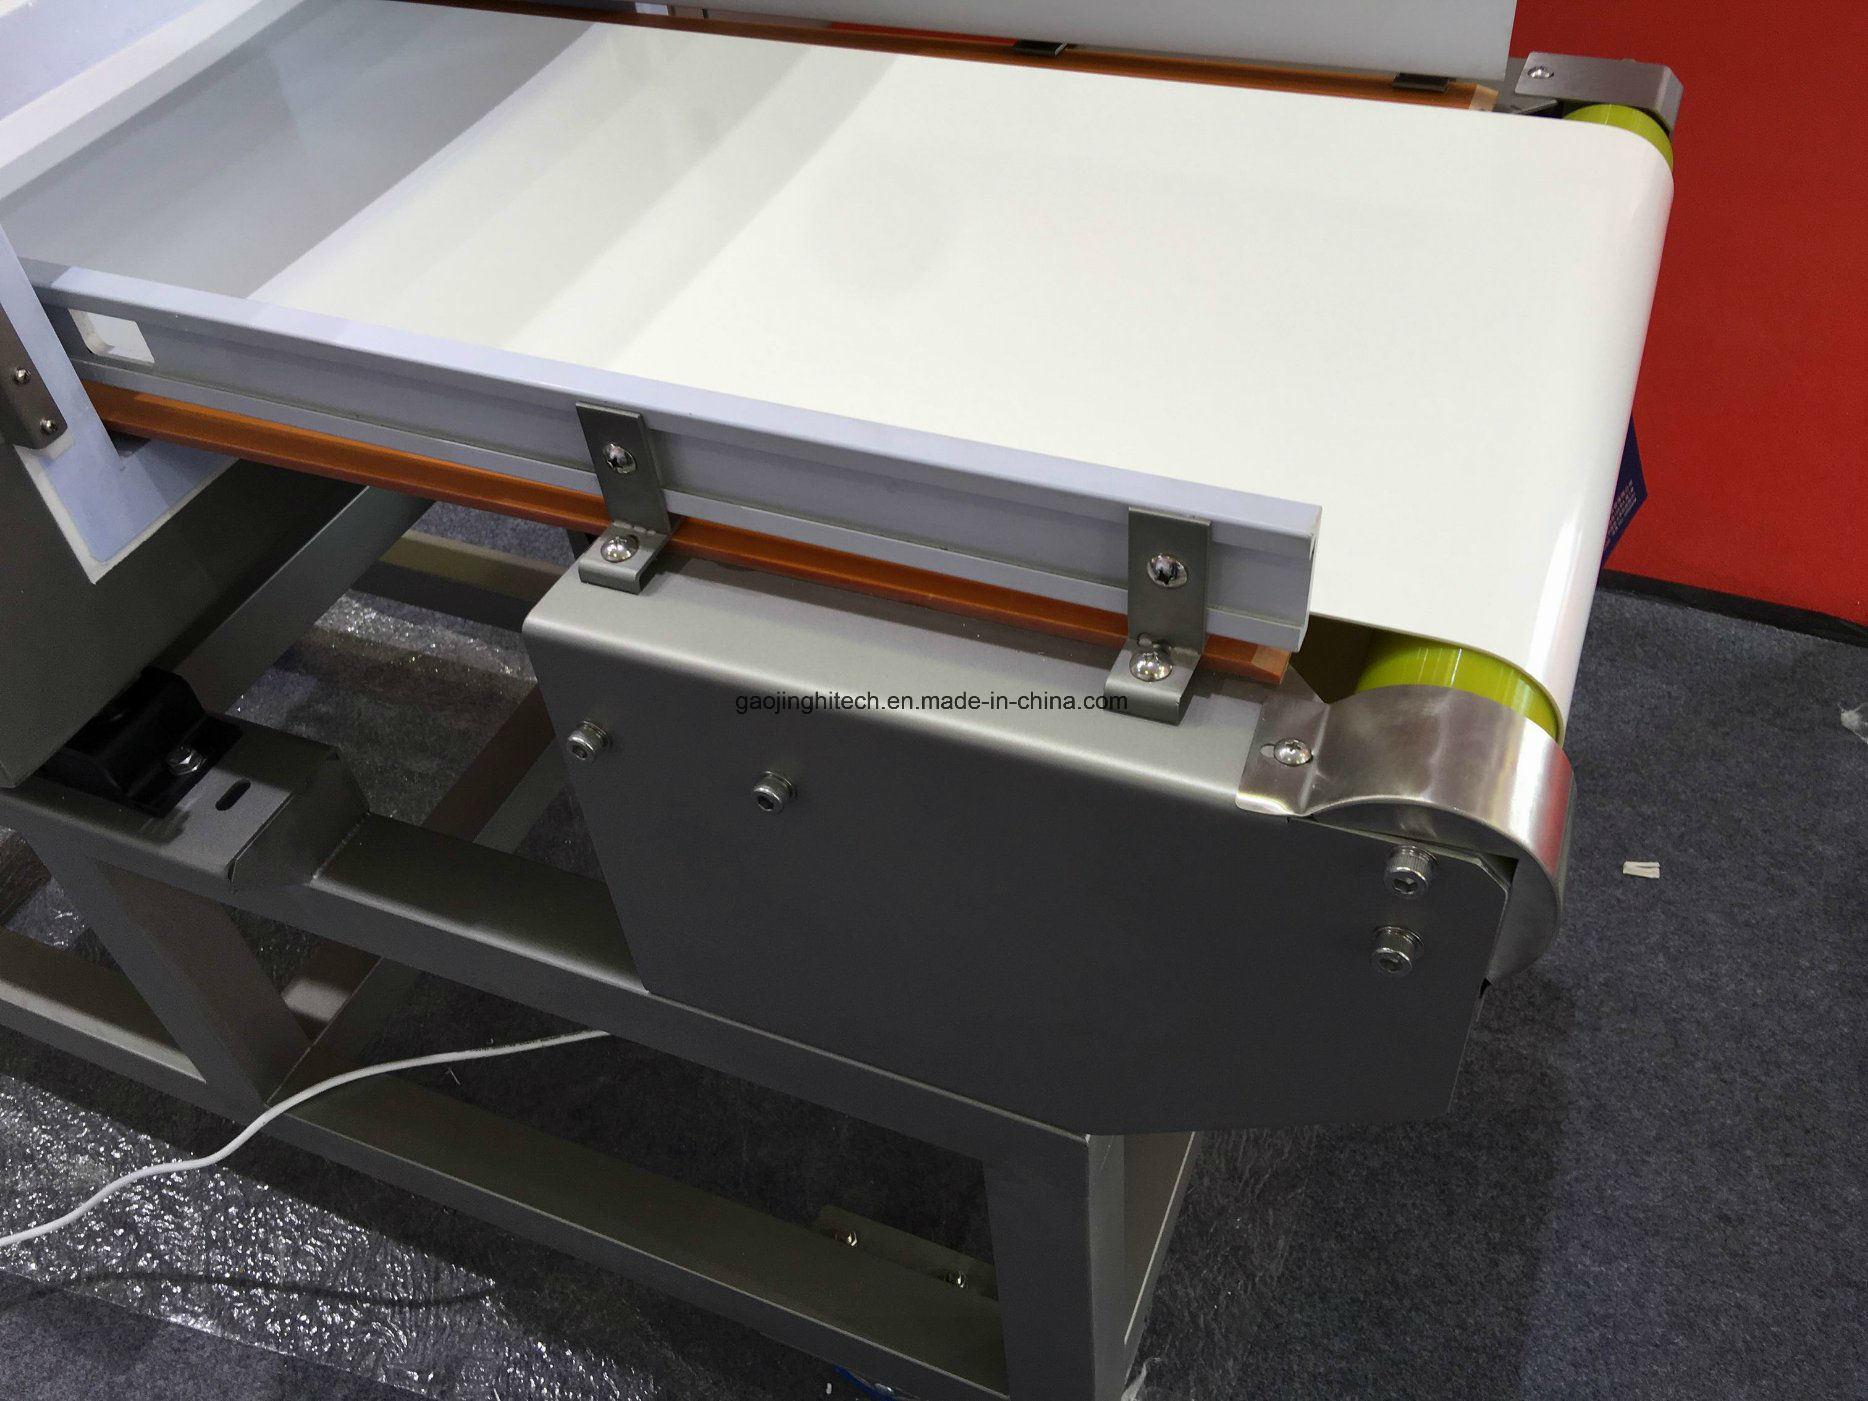 Gj8 Metal Detector for Food